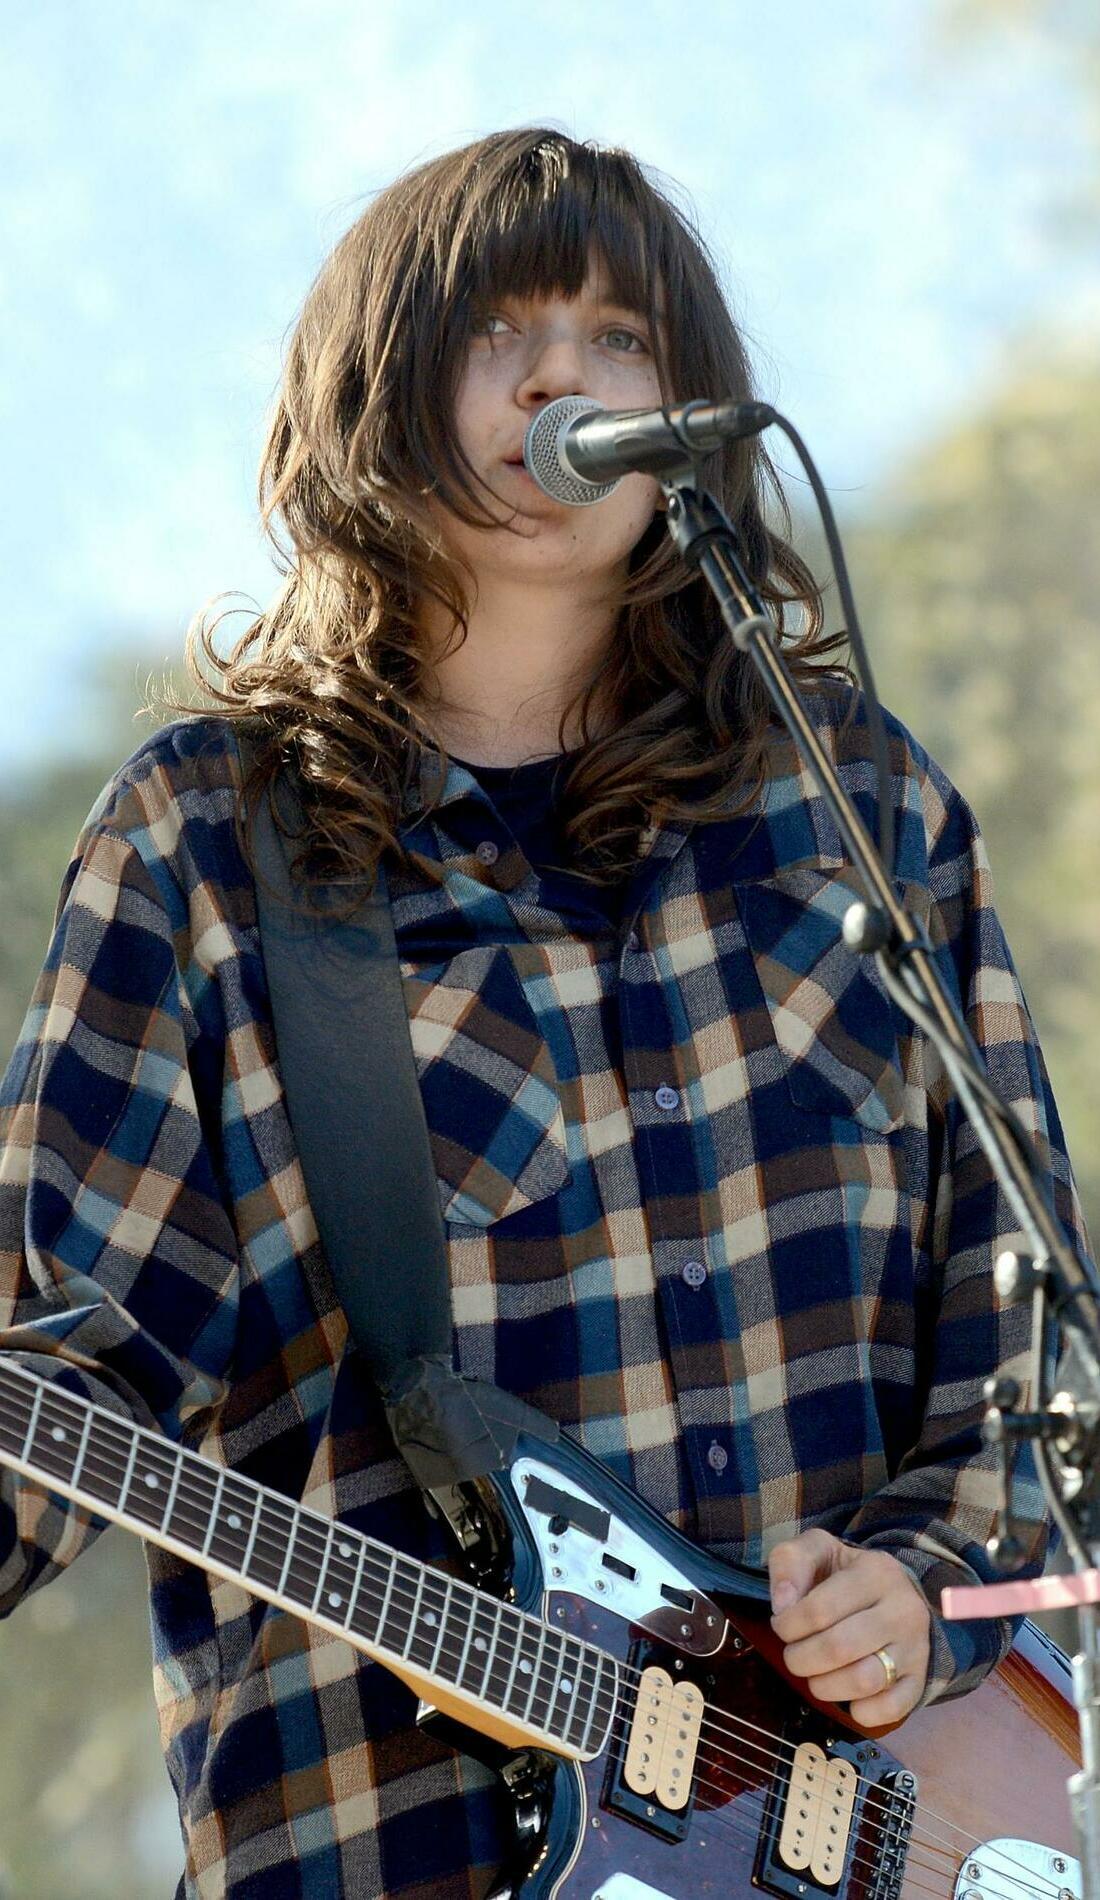 A Courtney Barnett live event